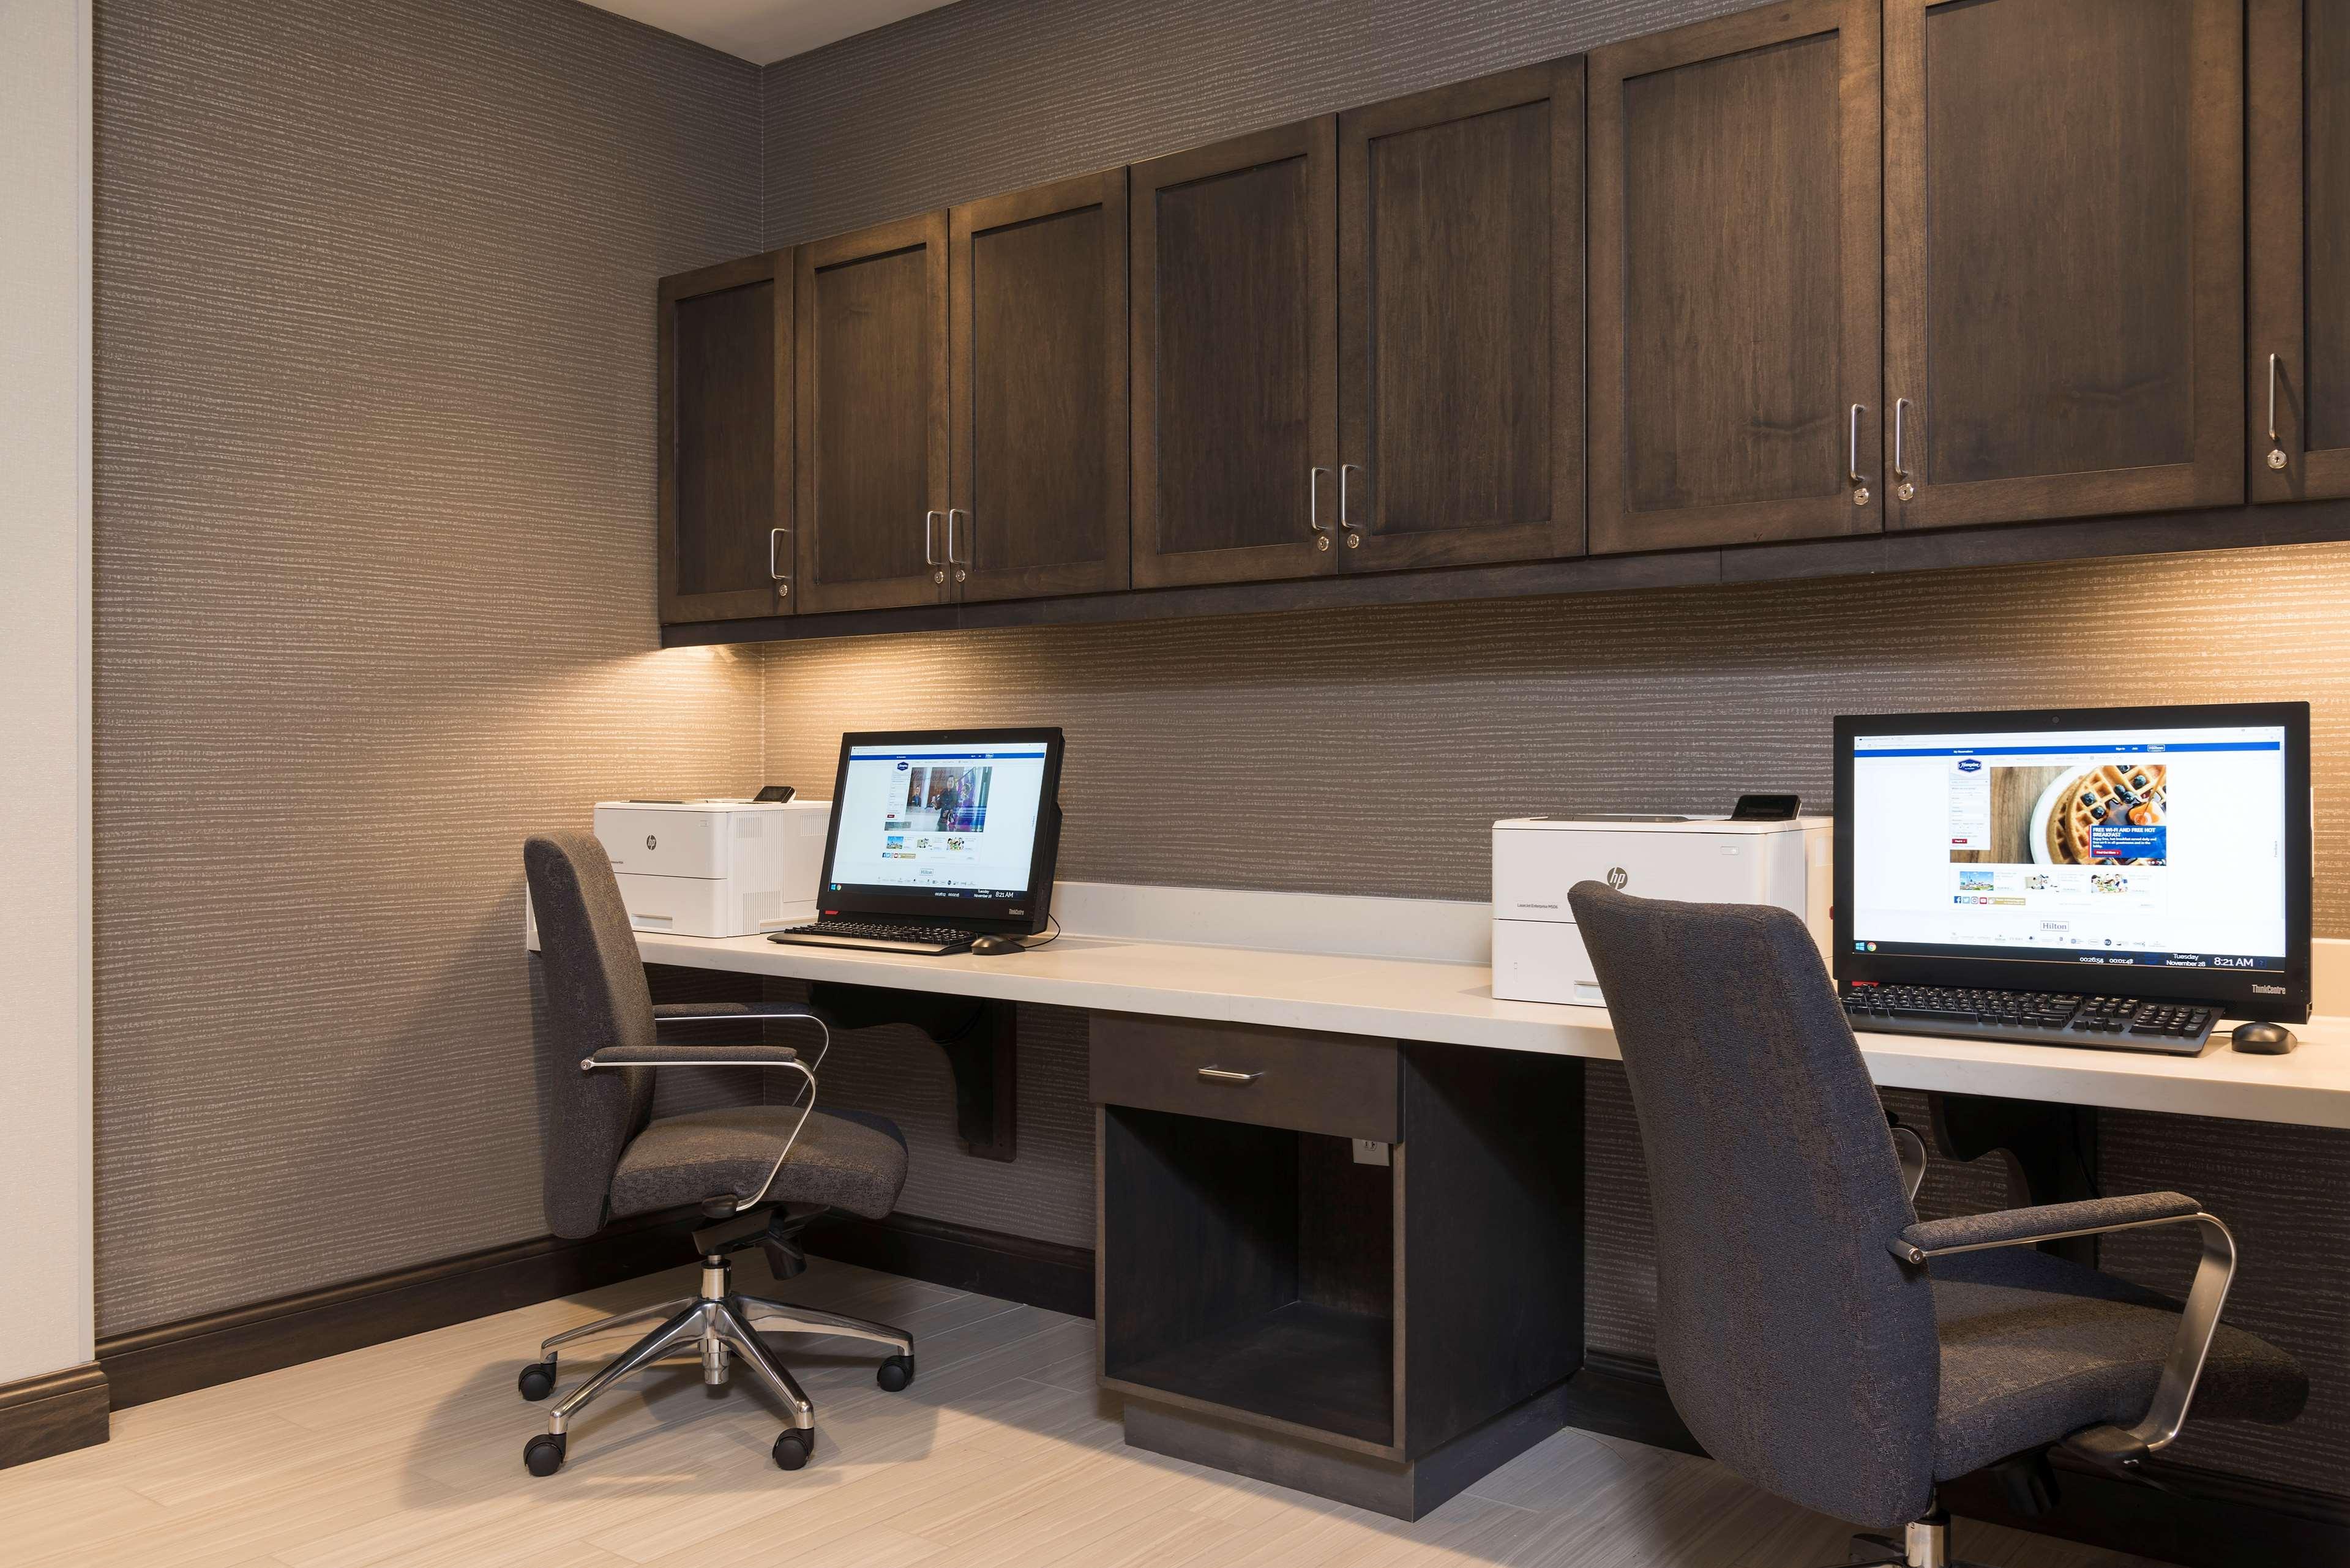 Hampton Inn & Suites Indianapolis-Keystone image 40